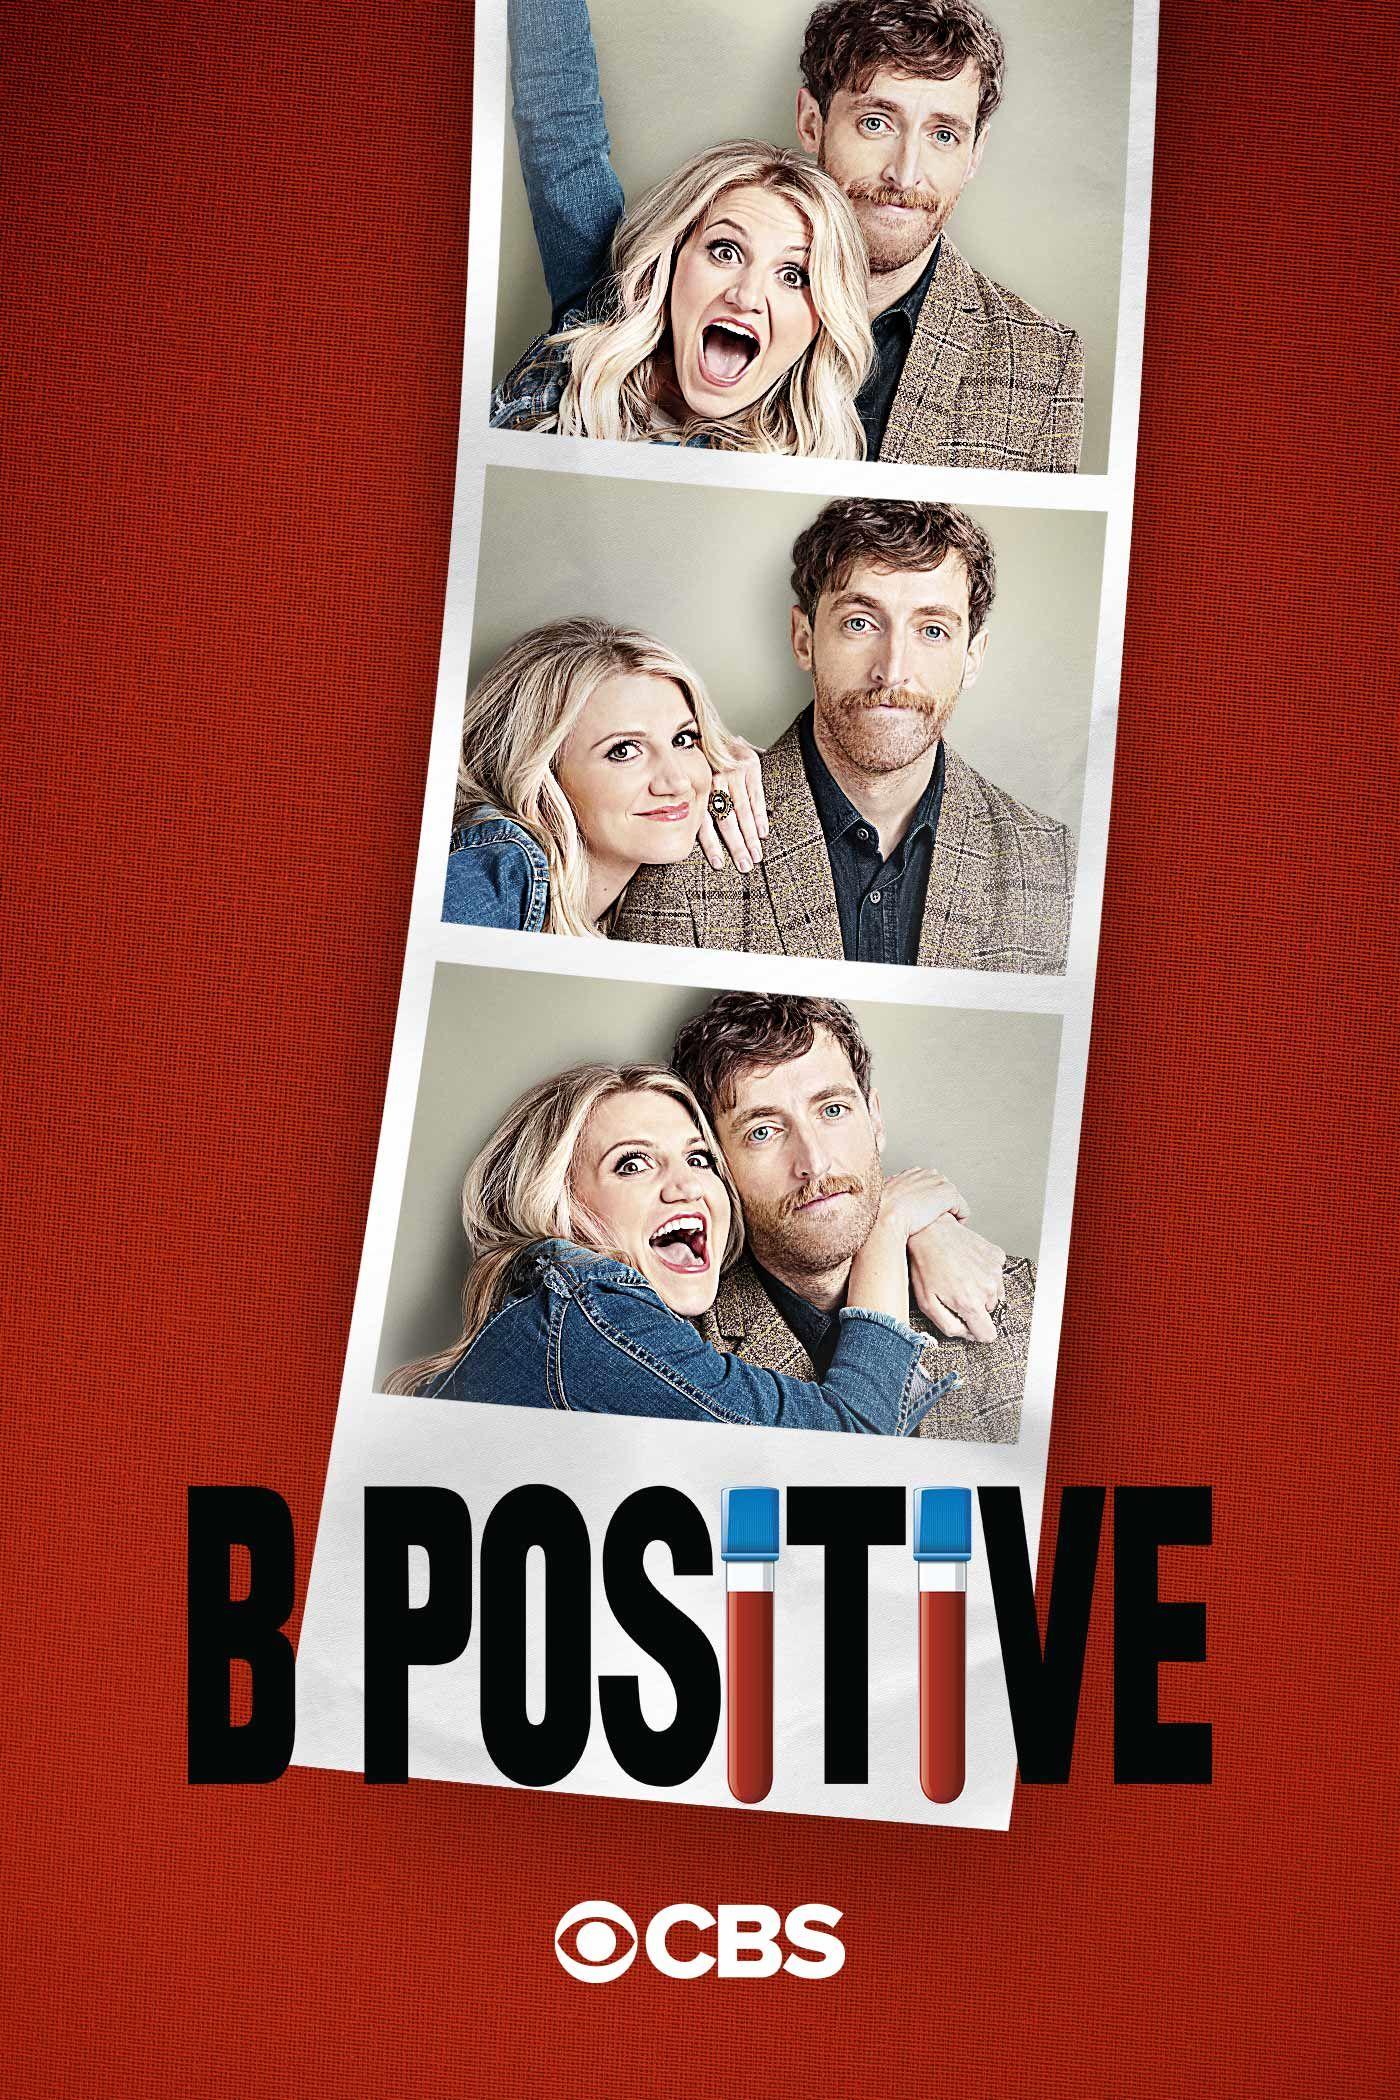 Download Séries B Positive 2ª Temporada Torrent 2021 Qualidade Hd